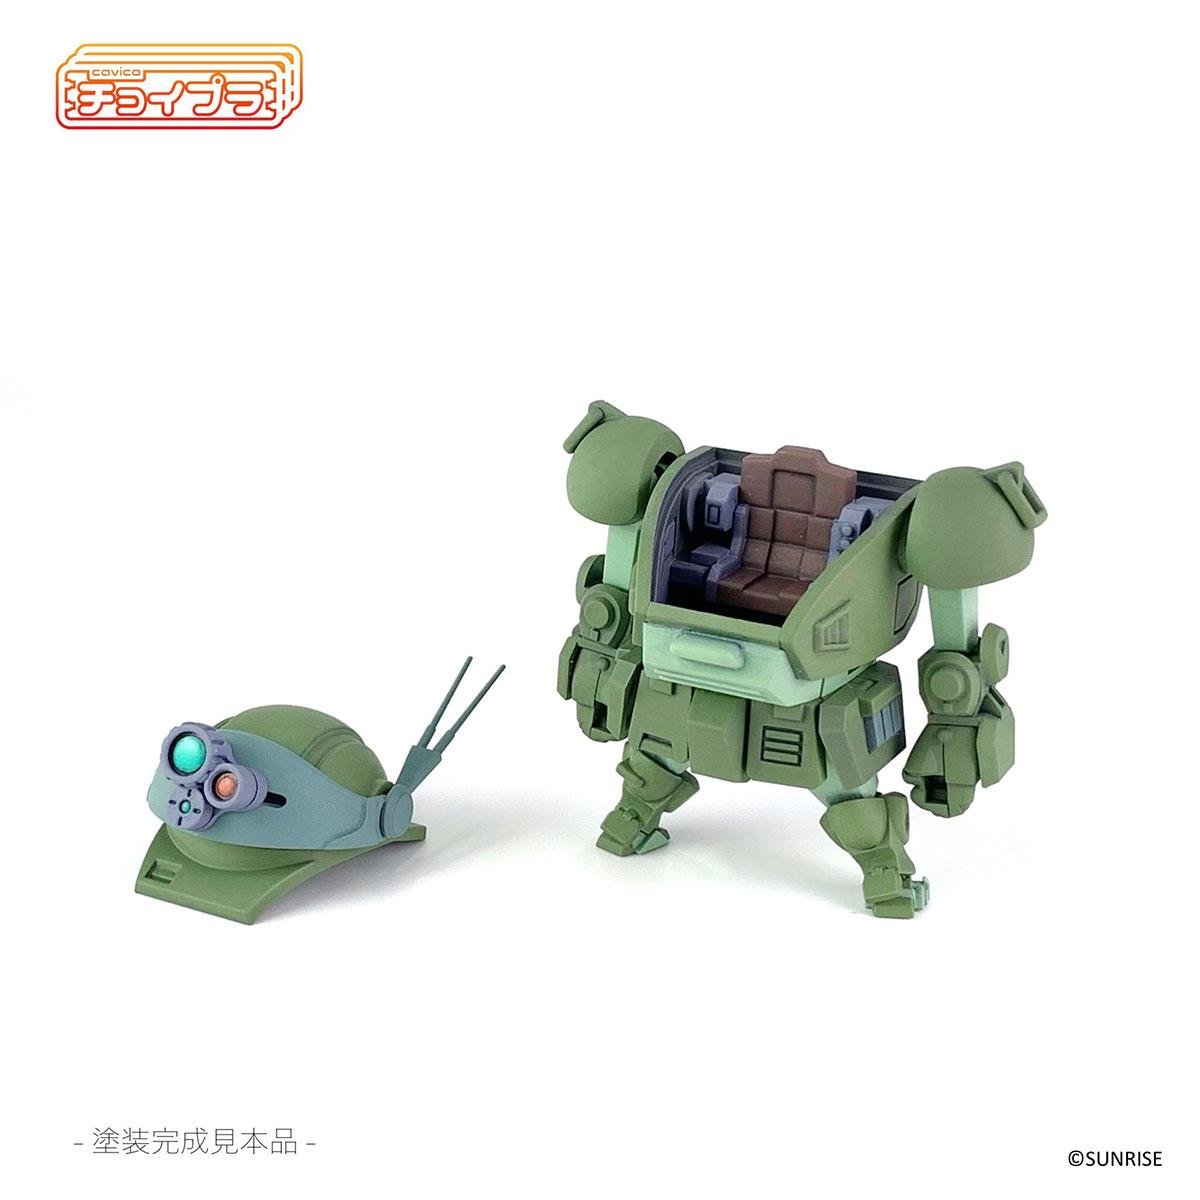 チョイプラ『装甲騎兵ボトムズ スコープドッグ』プラモデル-012